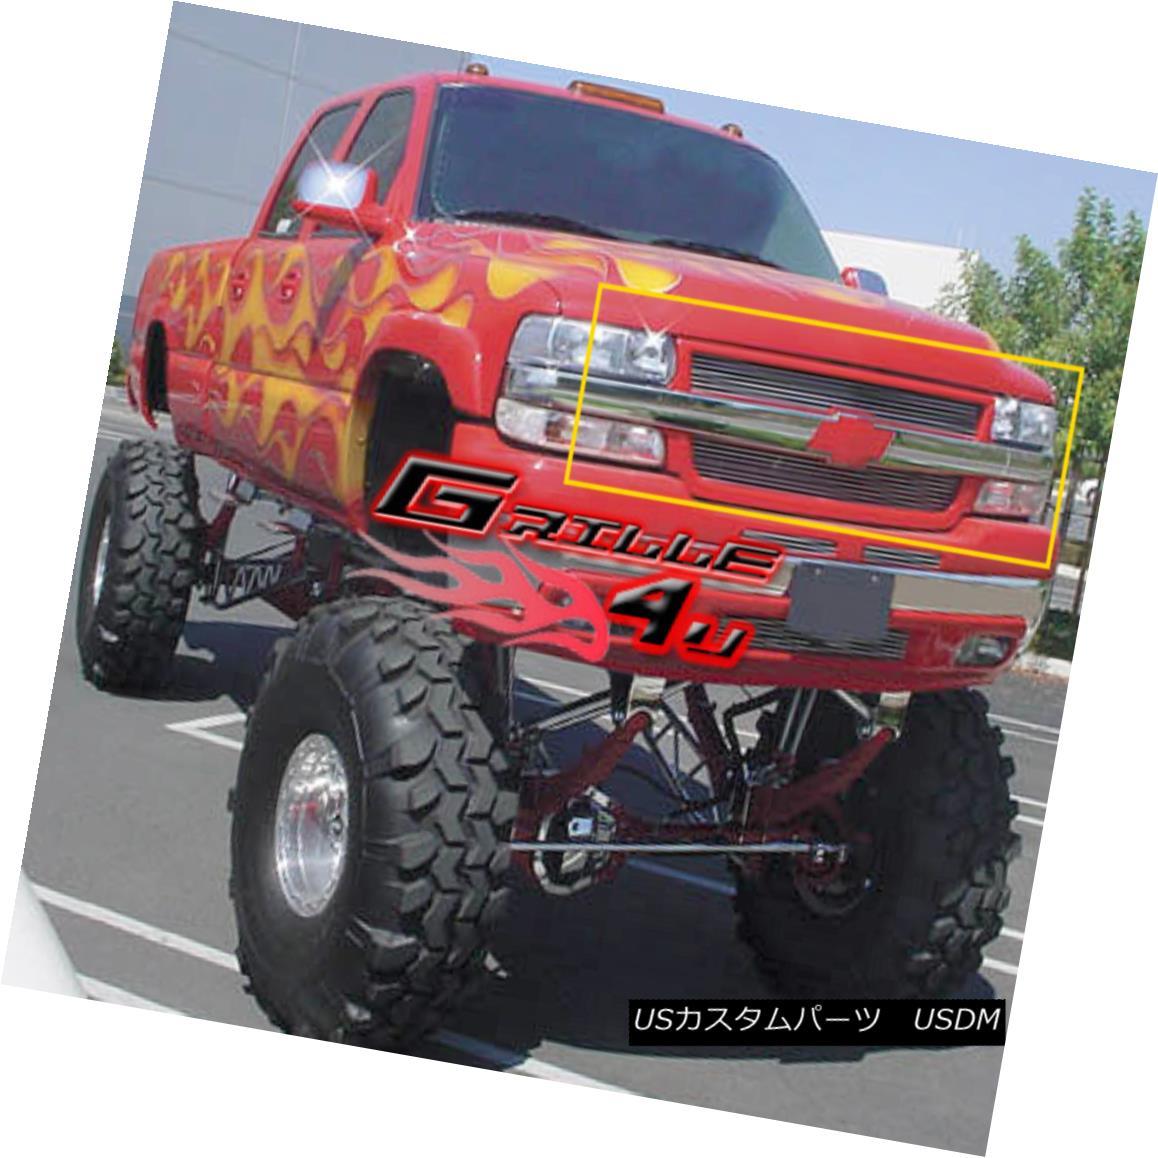 グリル Fits 2001-2002 Chevy Silverado 2500/3500 Billet Grille Insert 2001-2002 Chevy Silverado 2500/3500 Billet Grille Insertに適合